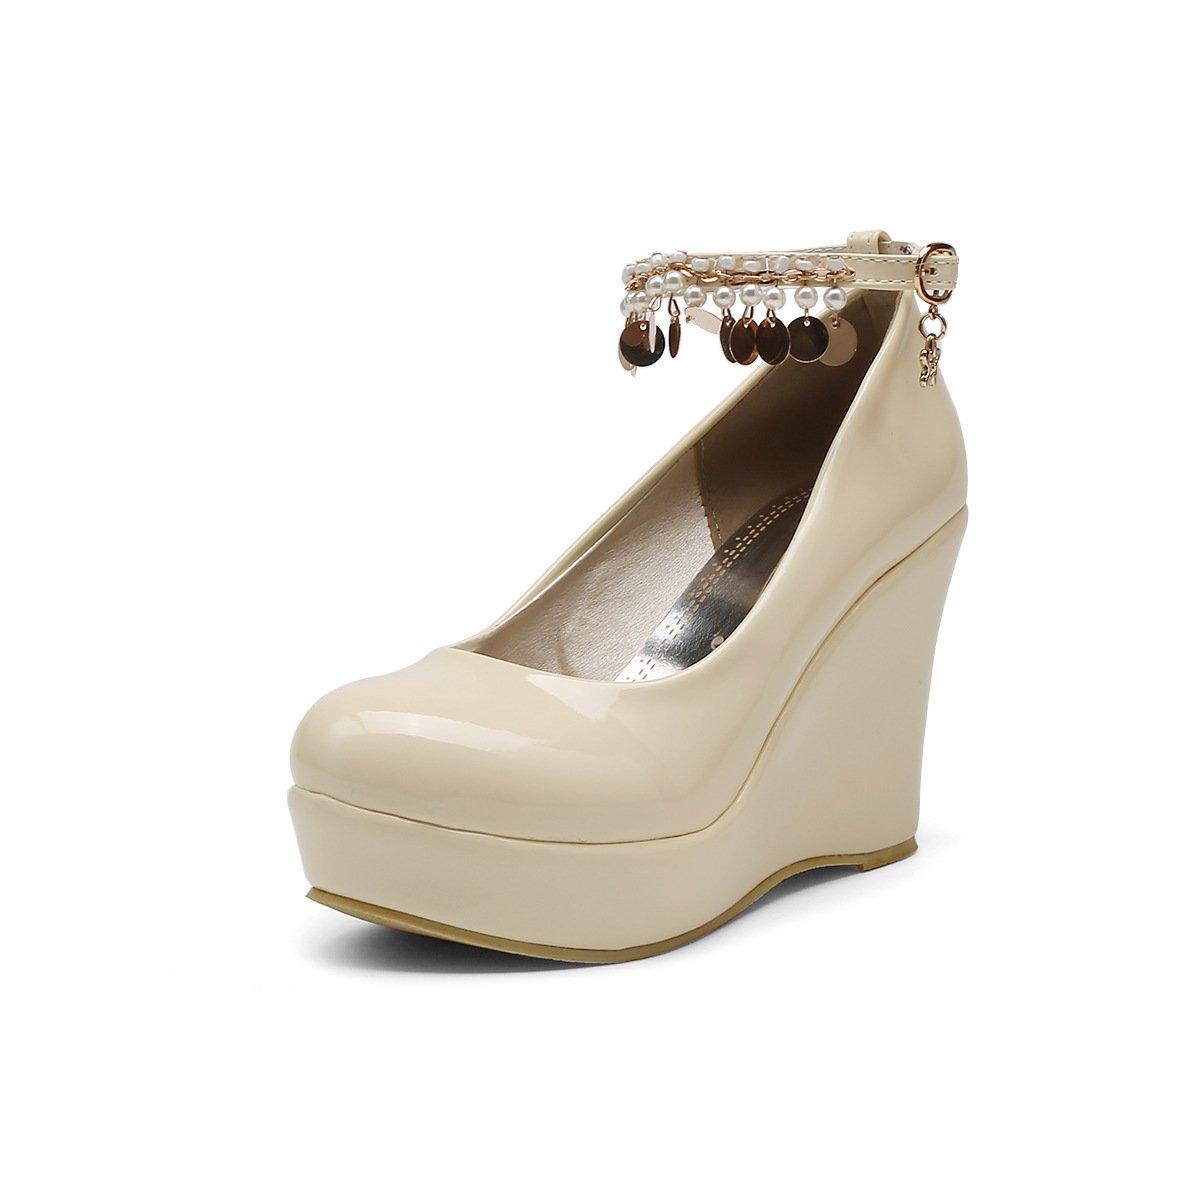 LSM-Heels MEI&S MEI&S LSM-Heels Frauen Dick Unten Keilabsatz Schuhe Flache Mund Beige abffeb